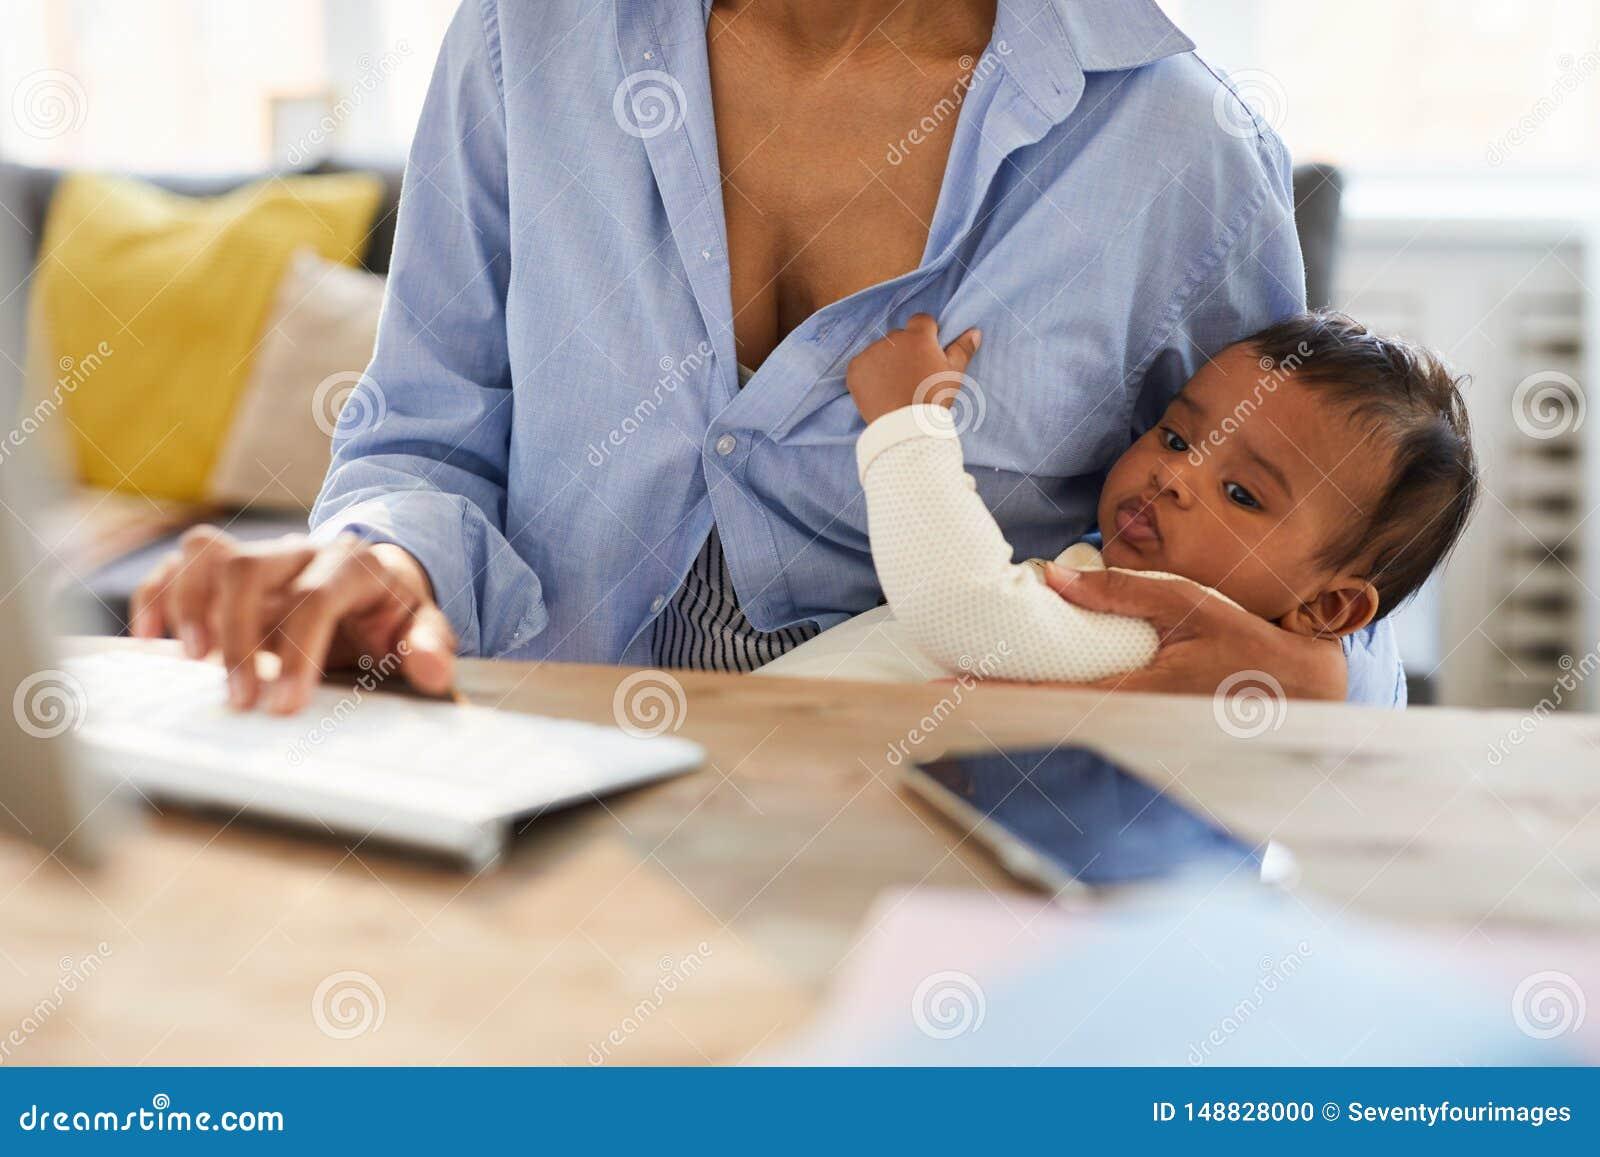 看起来非洲的婴孩怎么母亲工作